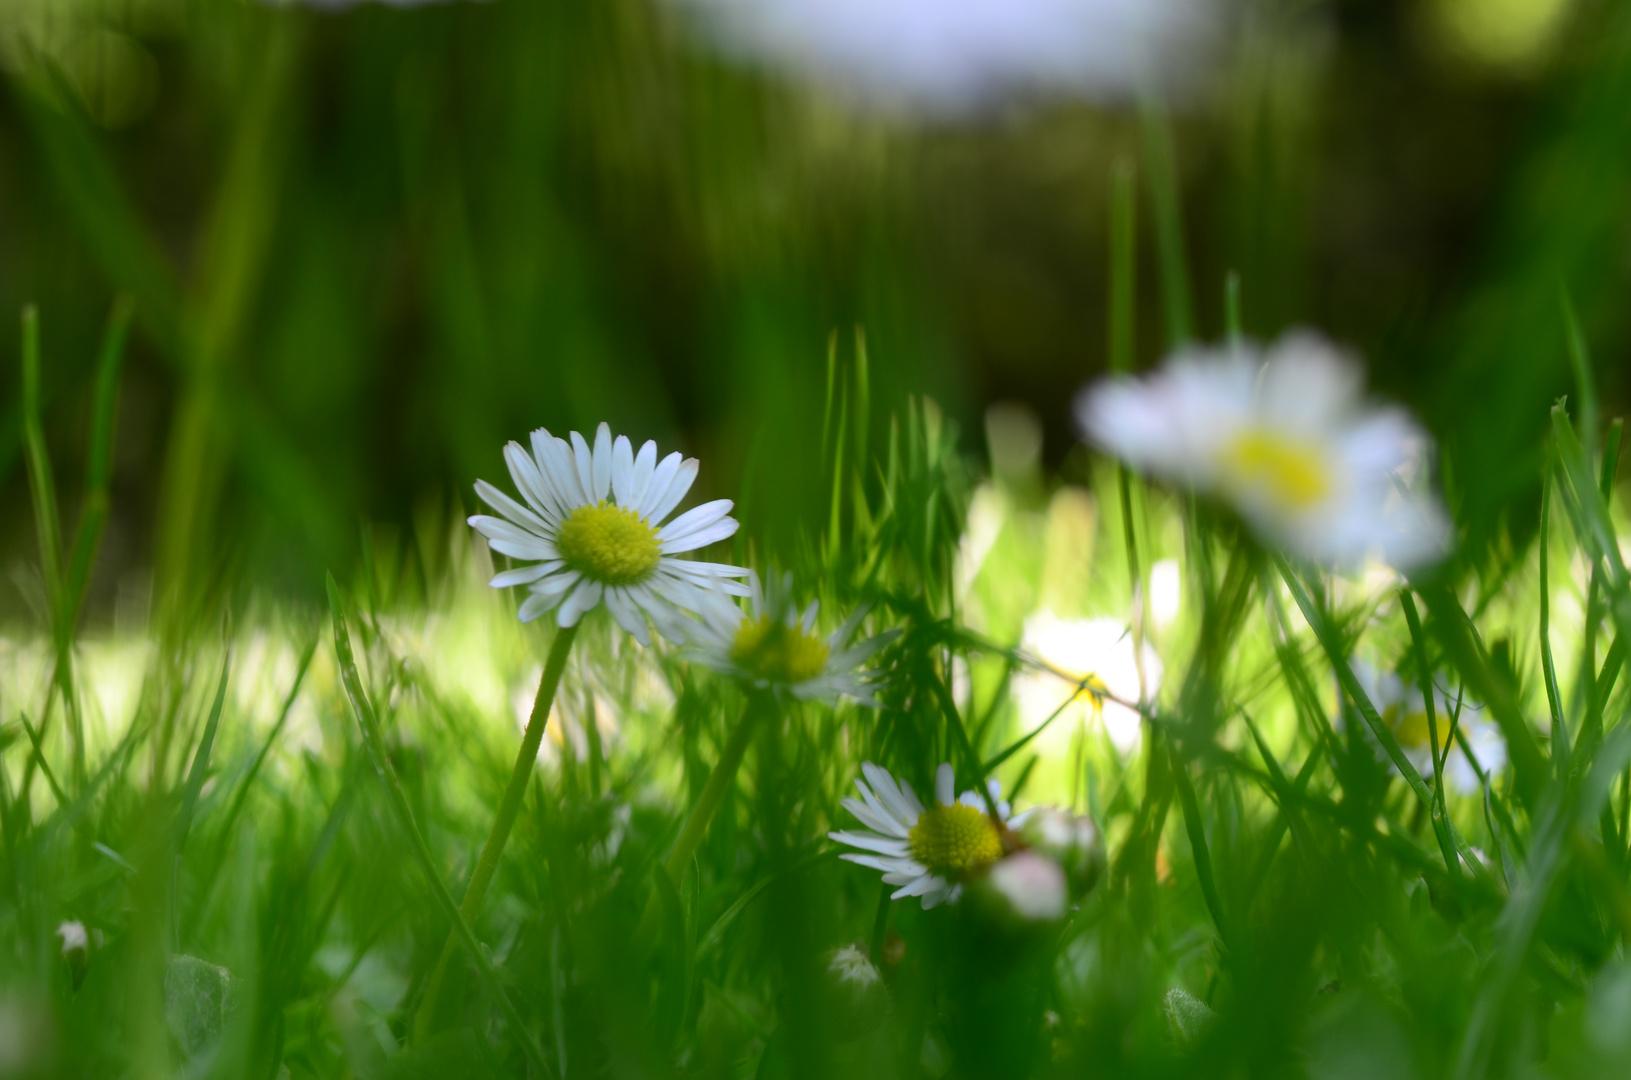 Ein Gänseblümchen im Gras